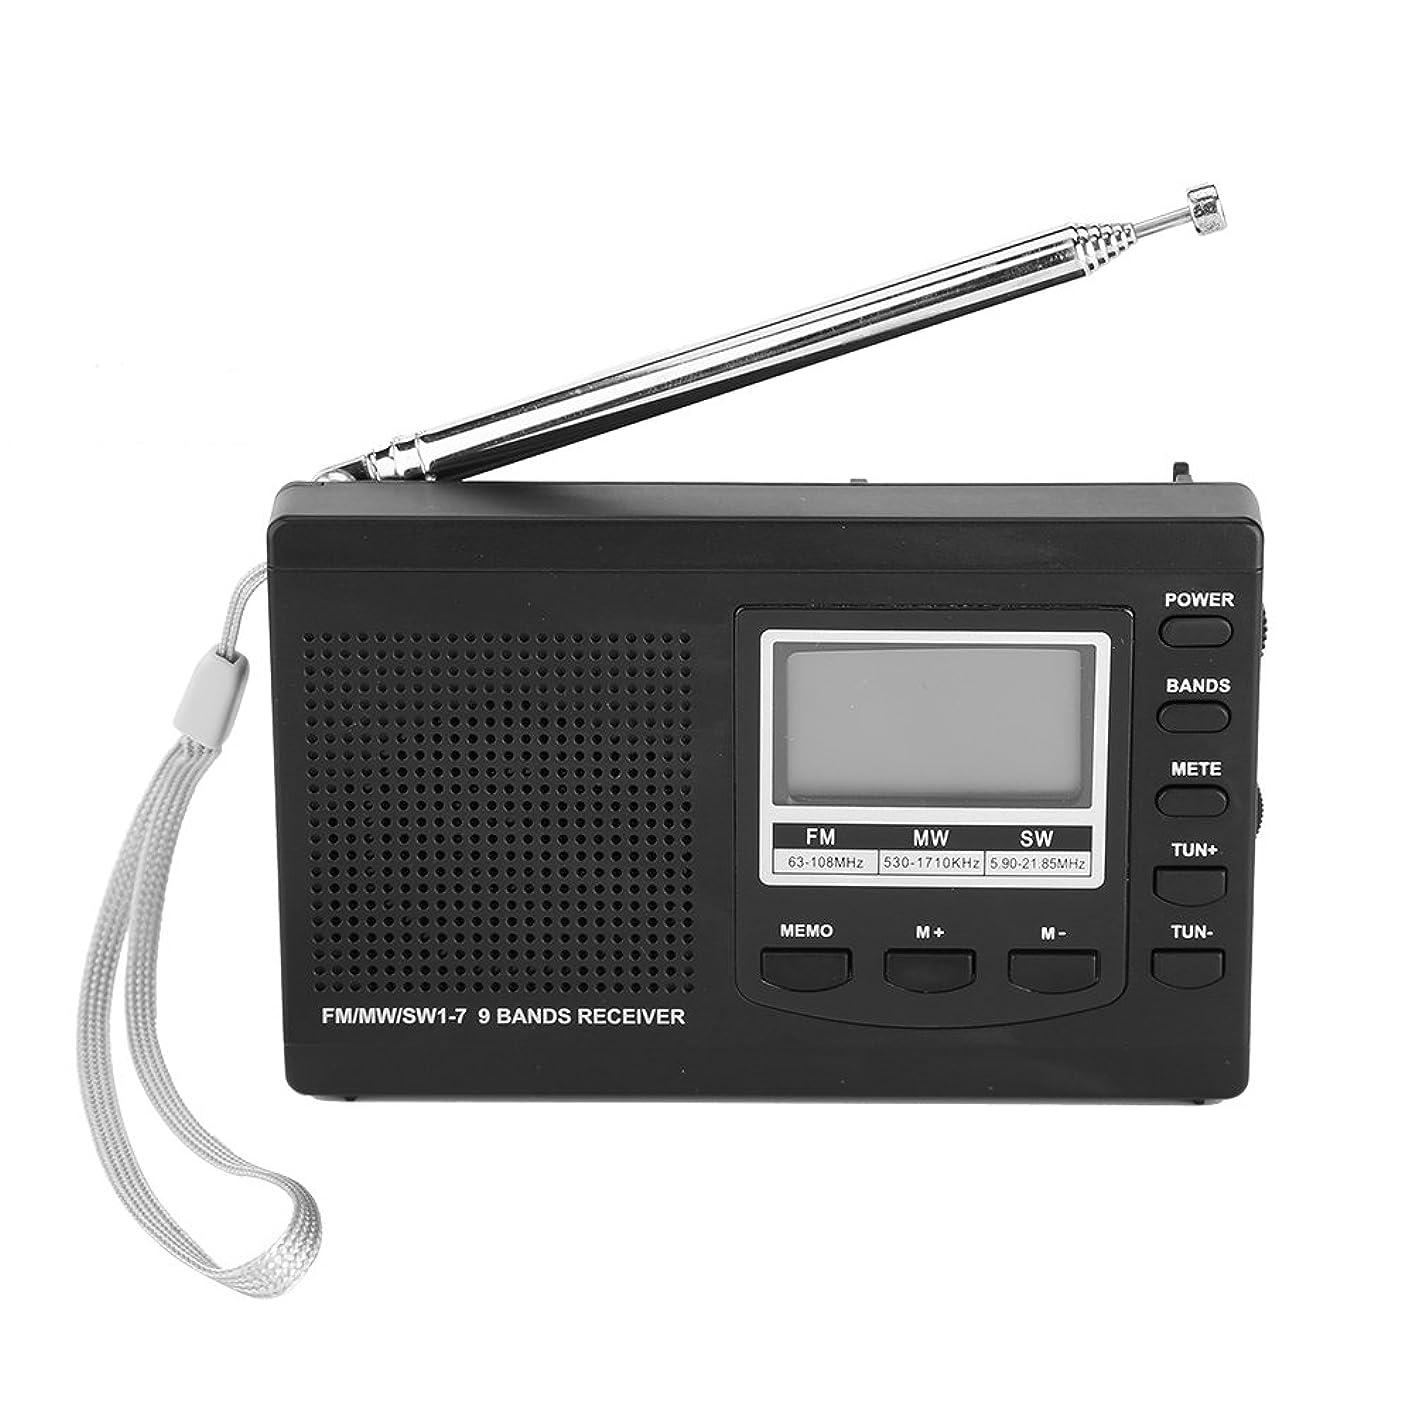 九月裁量に慣れFosa ユニバーサルポータブルミニラジオスピーカー デジタル目覚まし時計ステレオラジオレシーバー 音楽プレーヤー MW/FM / SWテレスコピックアンテナ付き (ブラック)